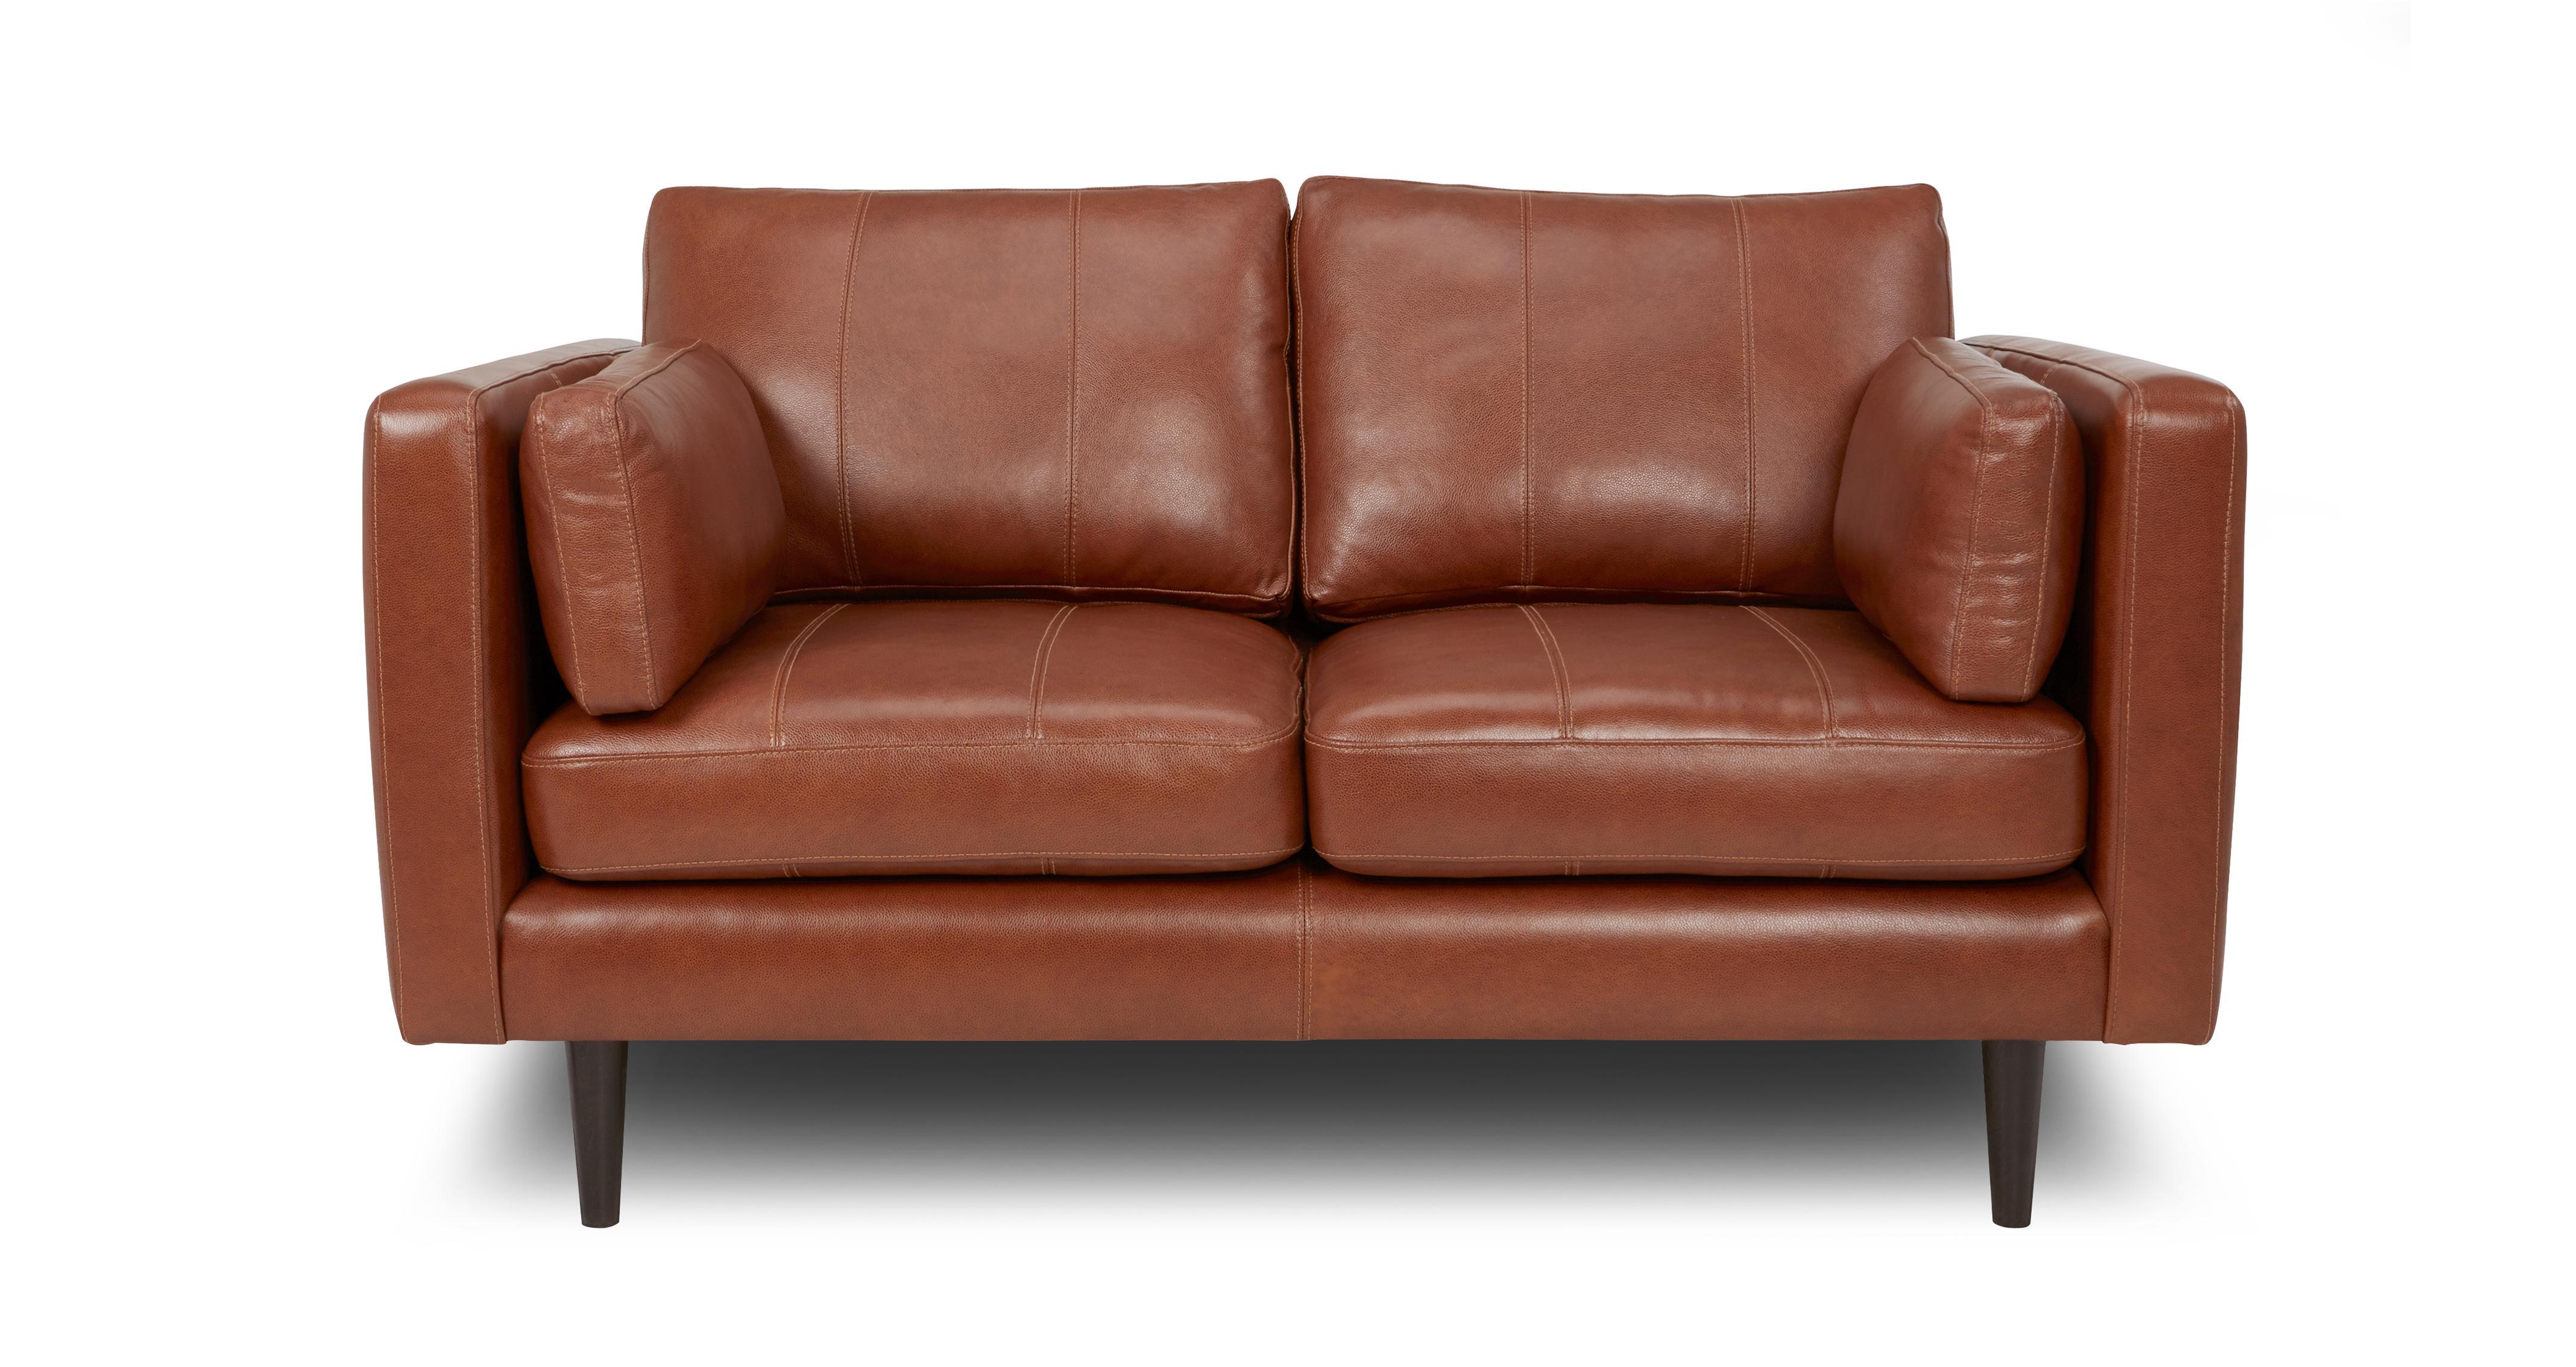 Marl kleine bank dfs banken - Sofa kleine ruimte ...